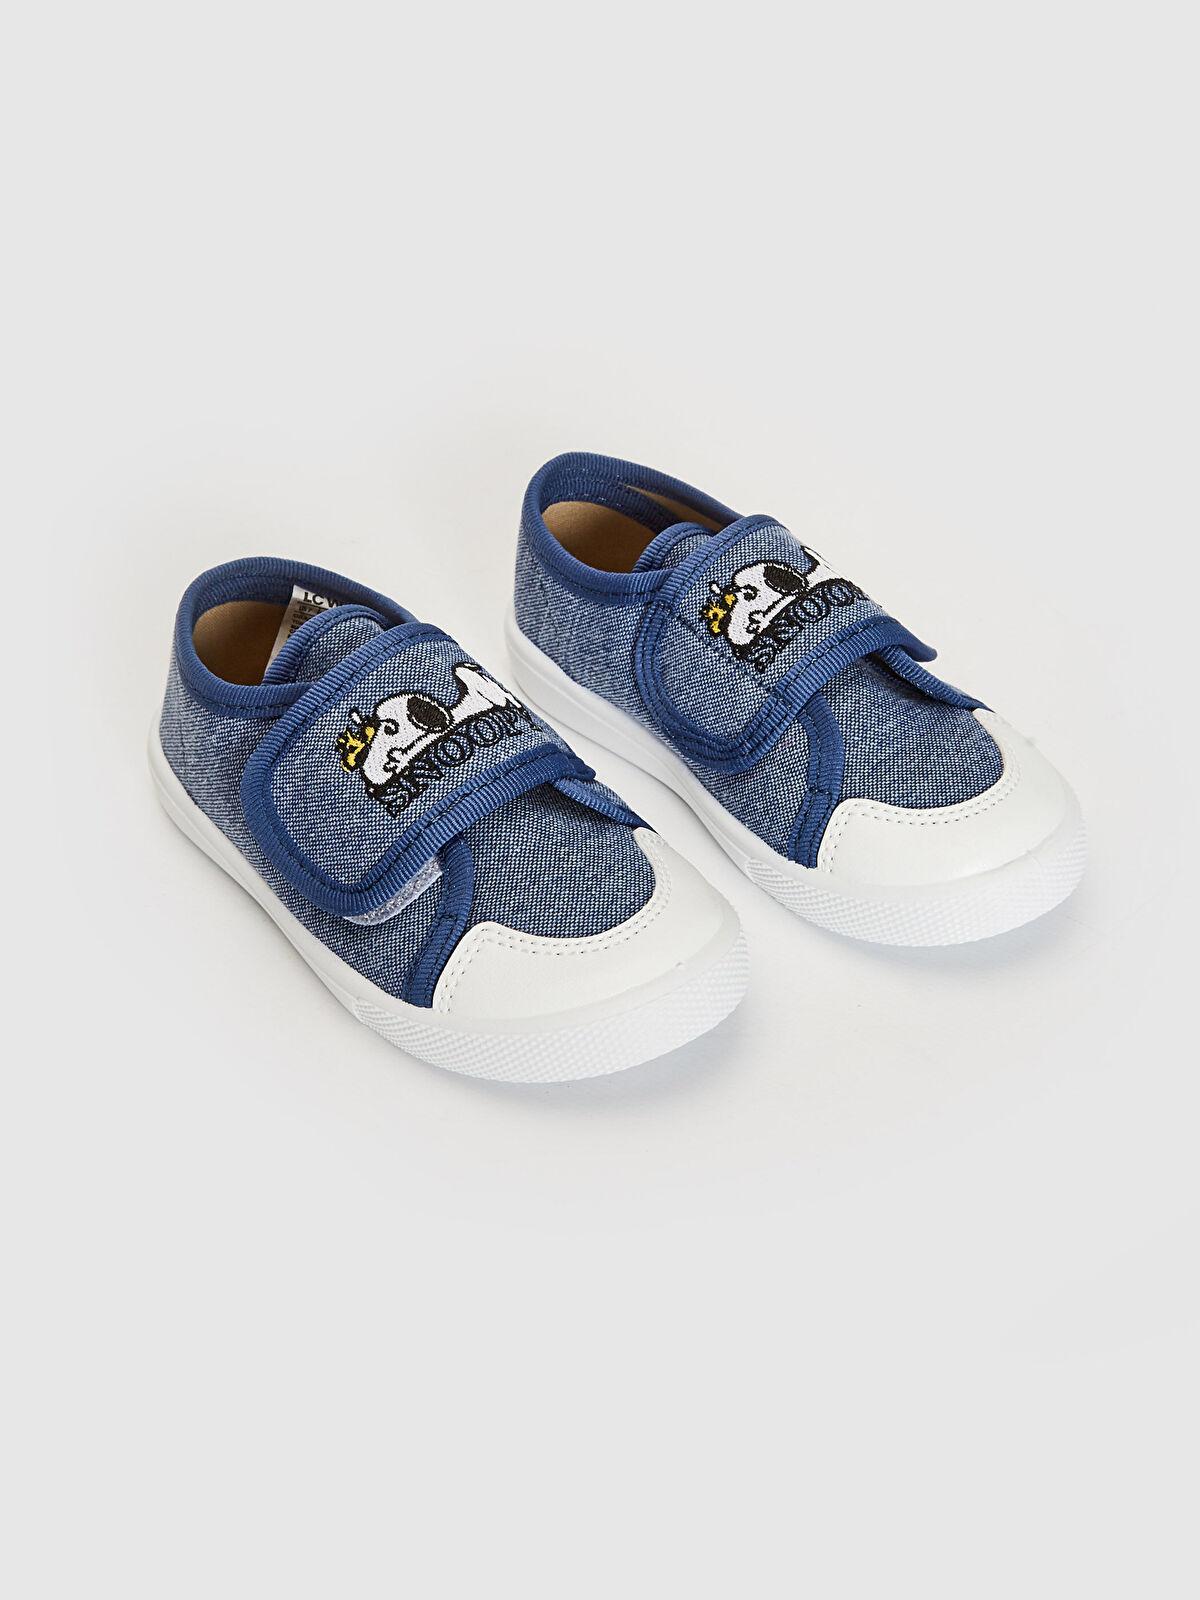 Erkek Bebek Snoopy Lisanslı Nakışlı Bez Sneaker - LC WAIKIKI